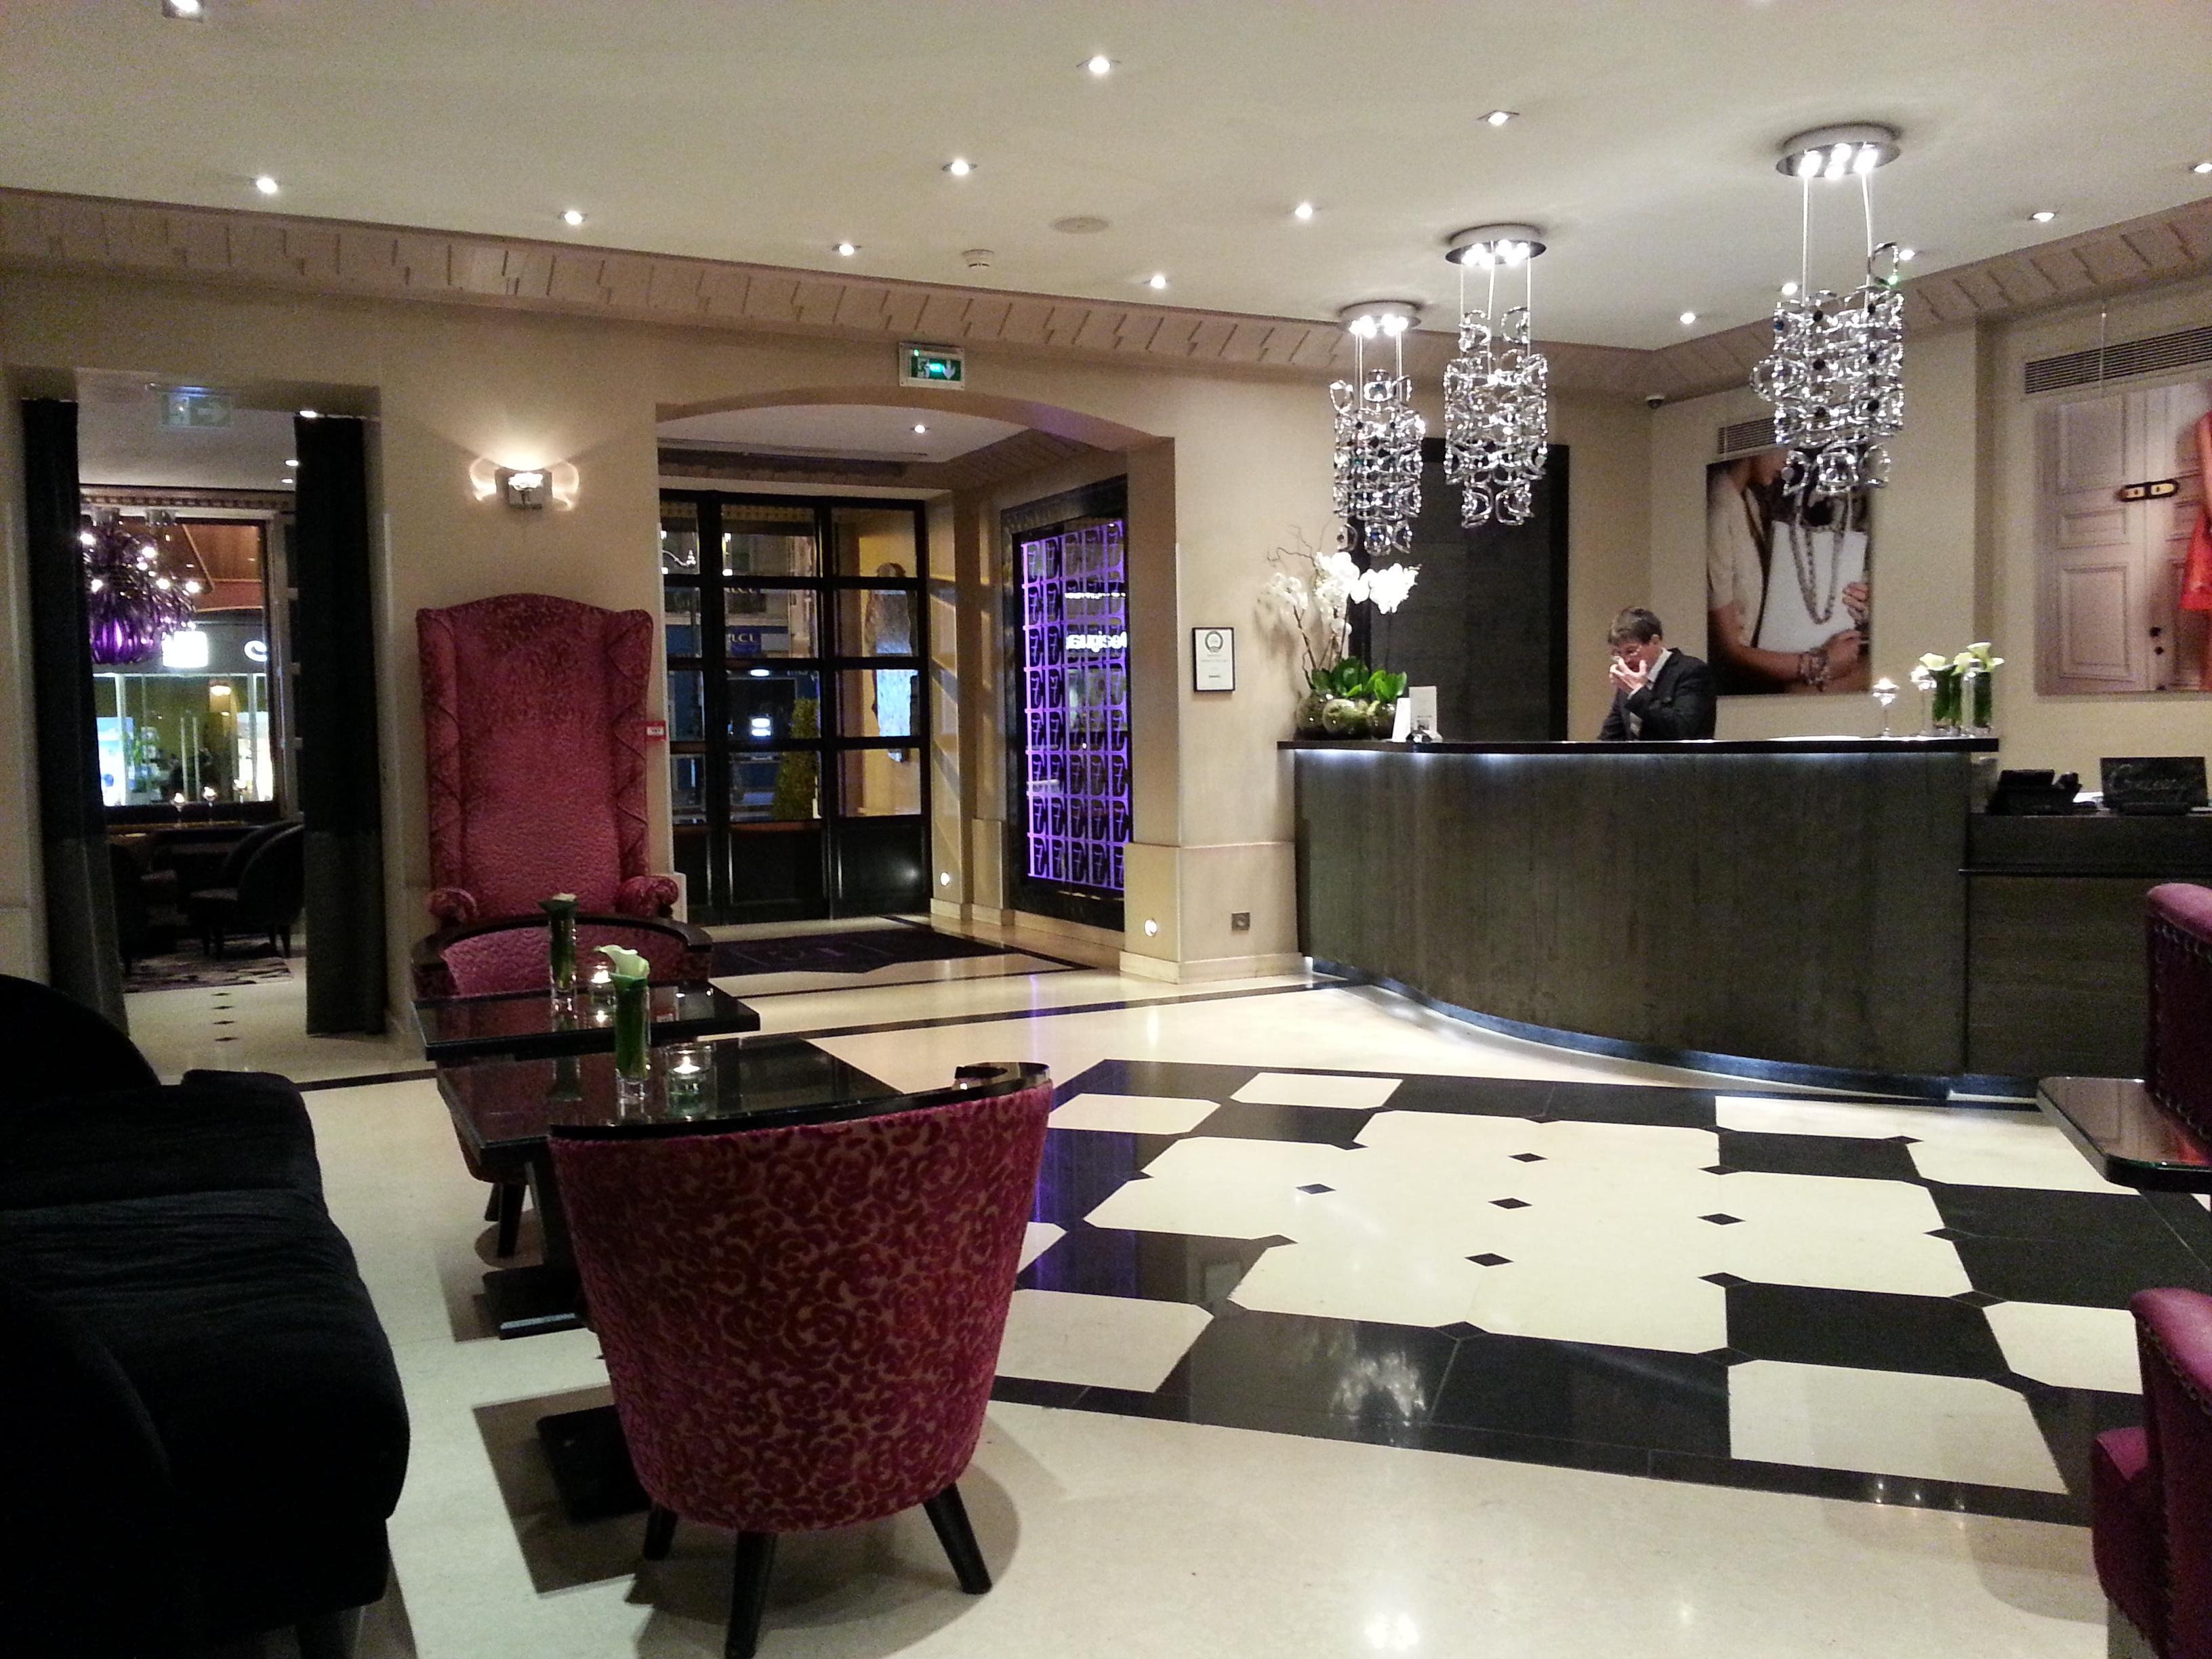 Hotel Edouard 7 lobby